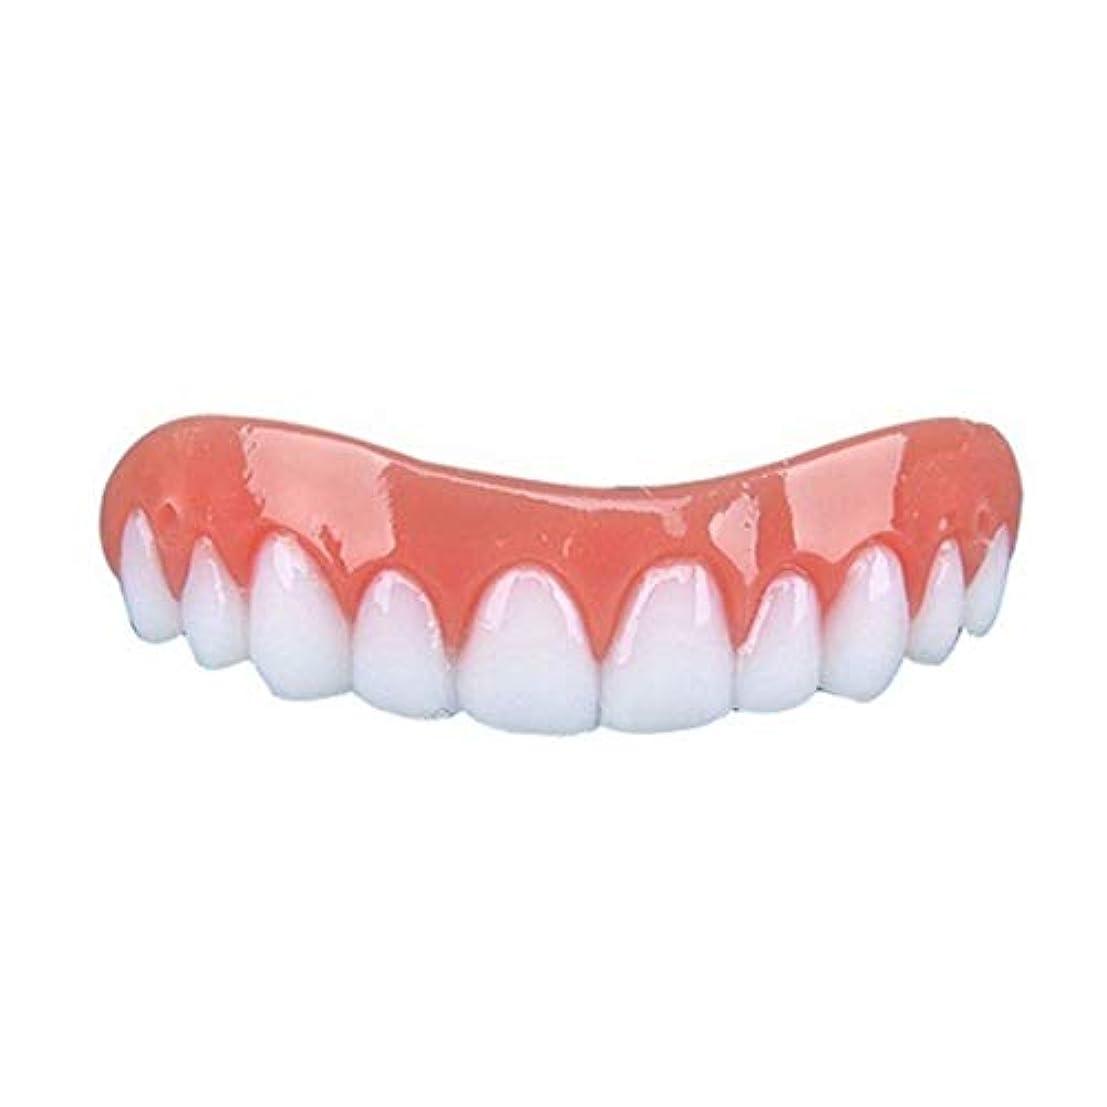 憲法素晴らしい良い多くの信頼性のあるBartram 歯カバー シリコン義歯ペースト 上歯 笑顔を保つ 歯保護 美容用 入れ歯 矯正義歯